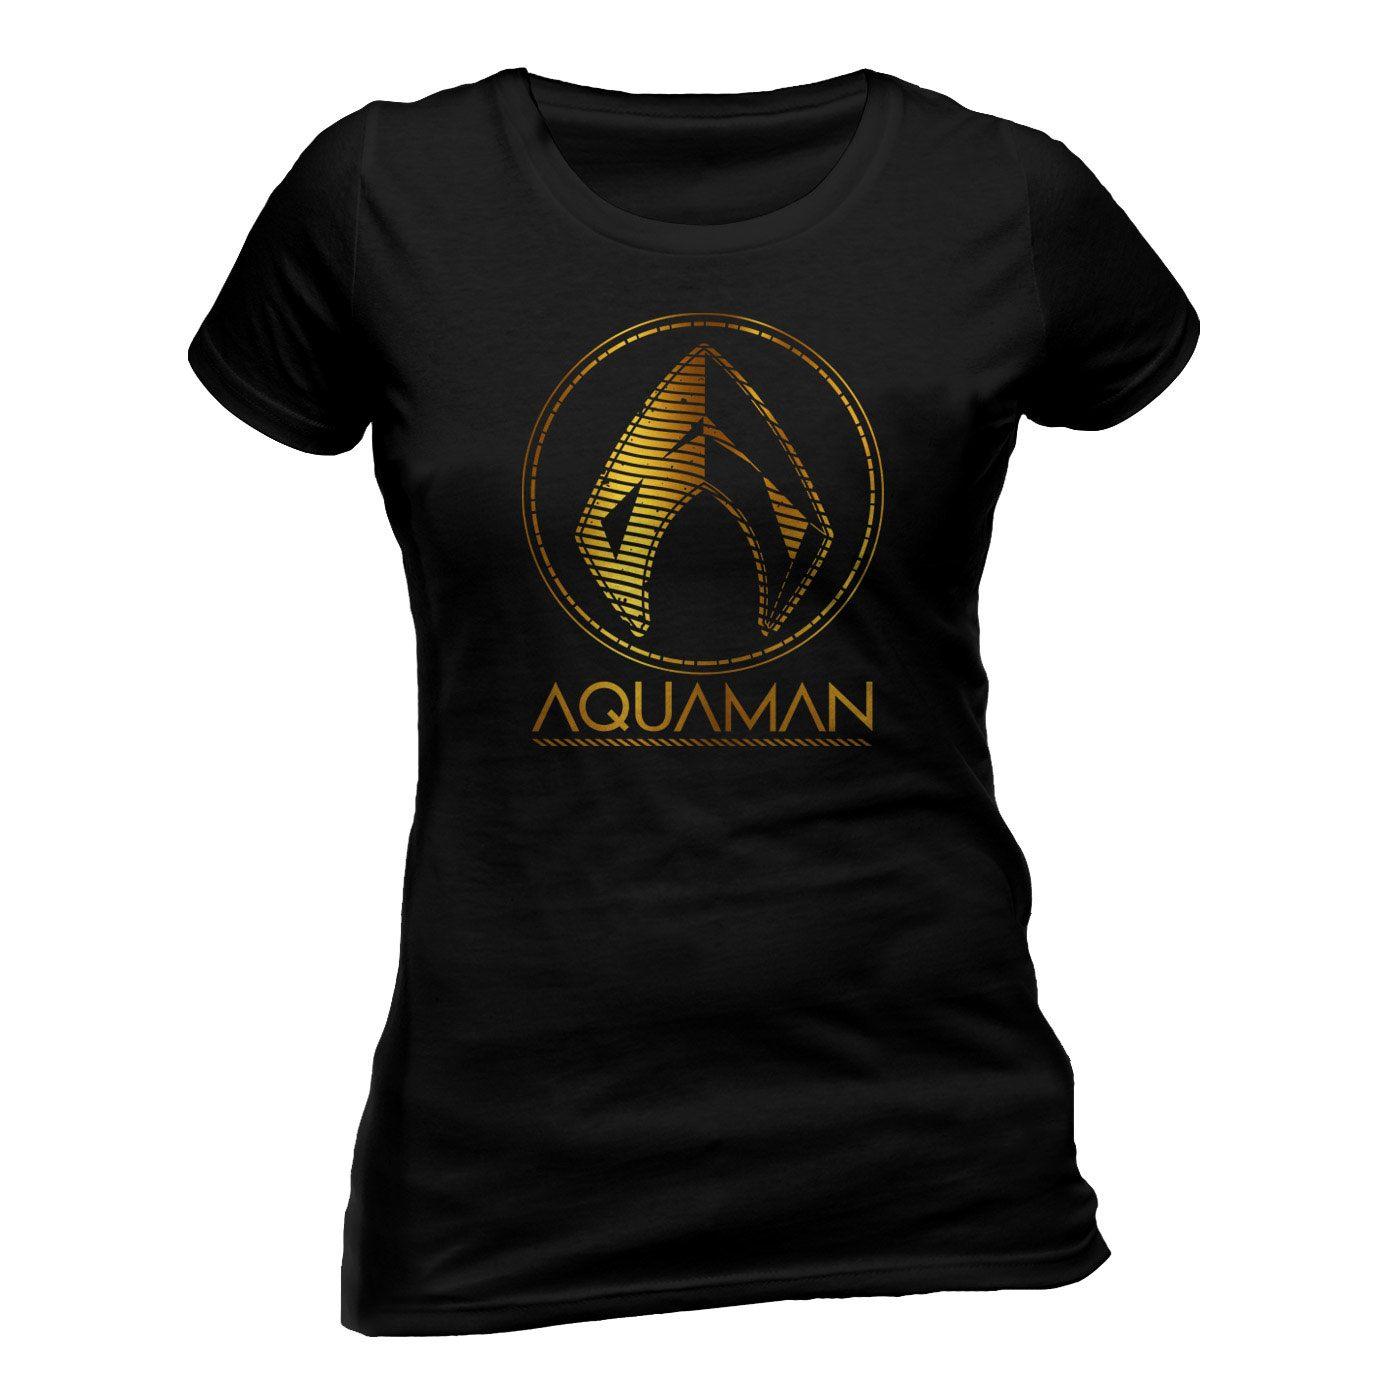 Aquaman Movie Ladies T-Shirt Metallic Symbol Size L